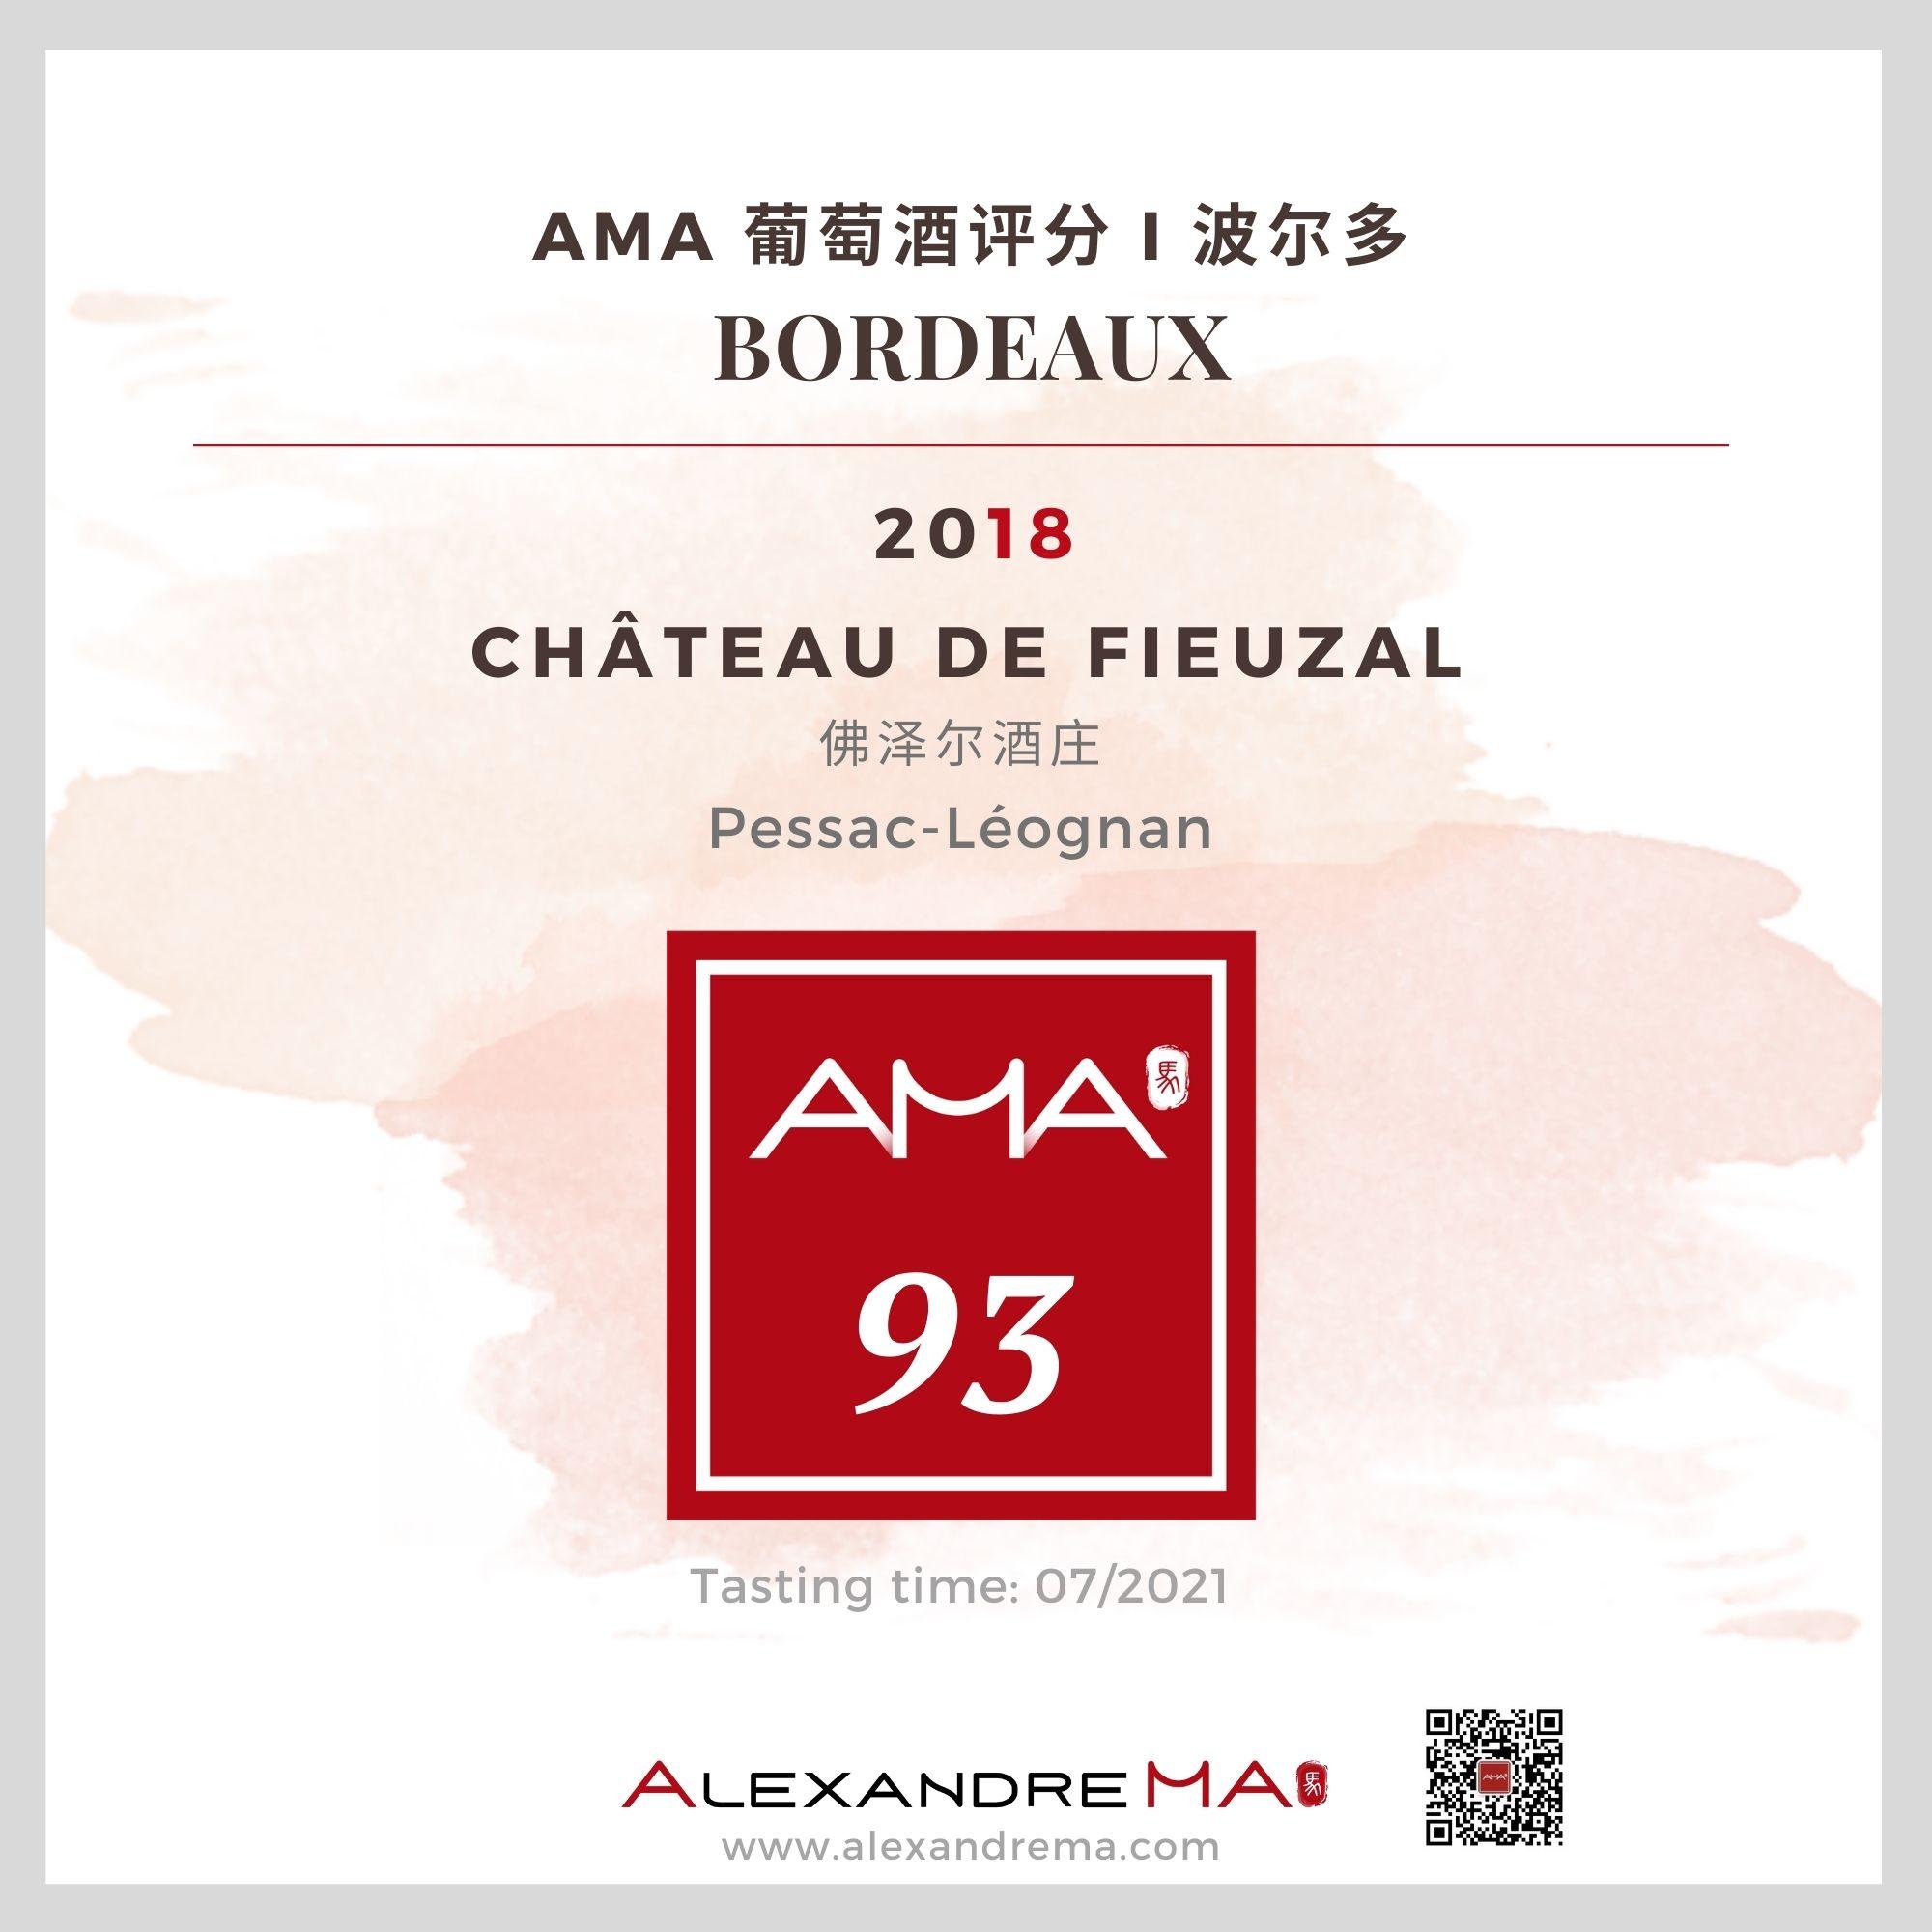 Château de Fieuzal 2018 - Alexandre MA